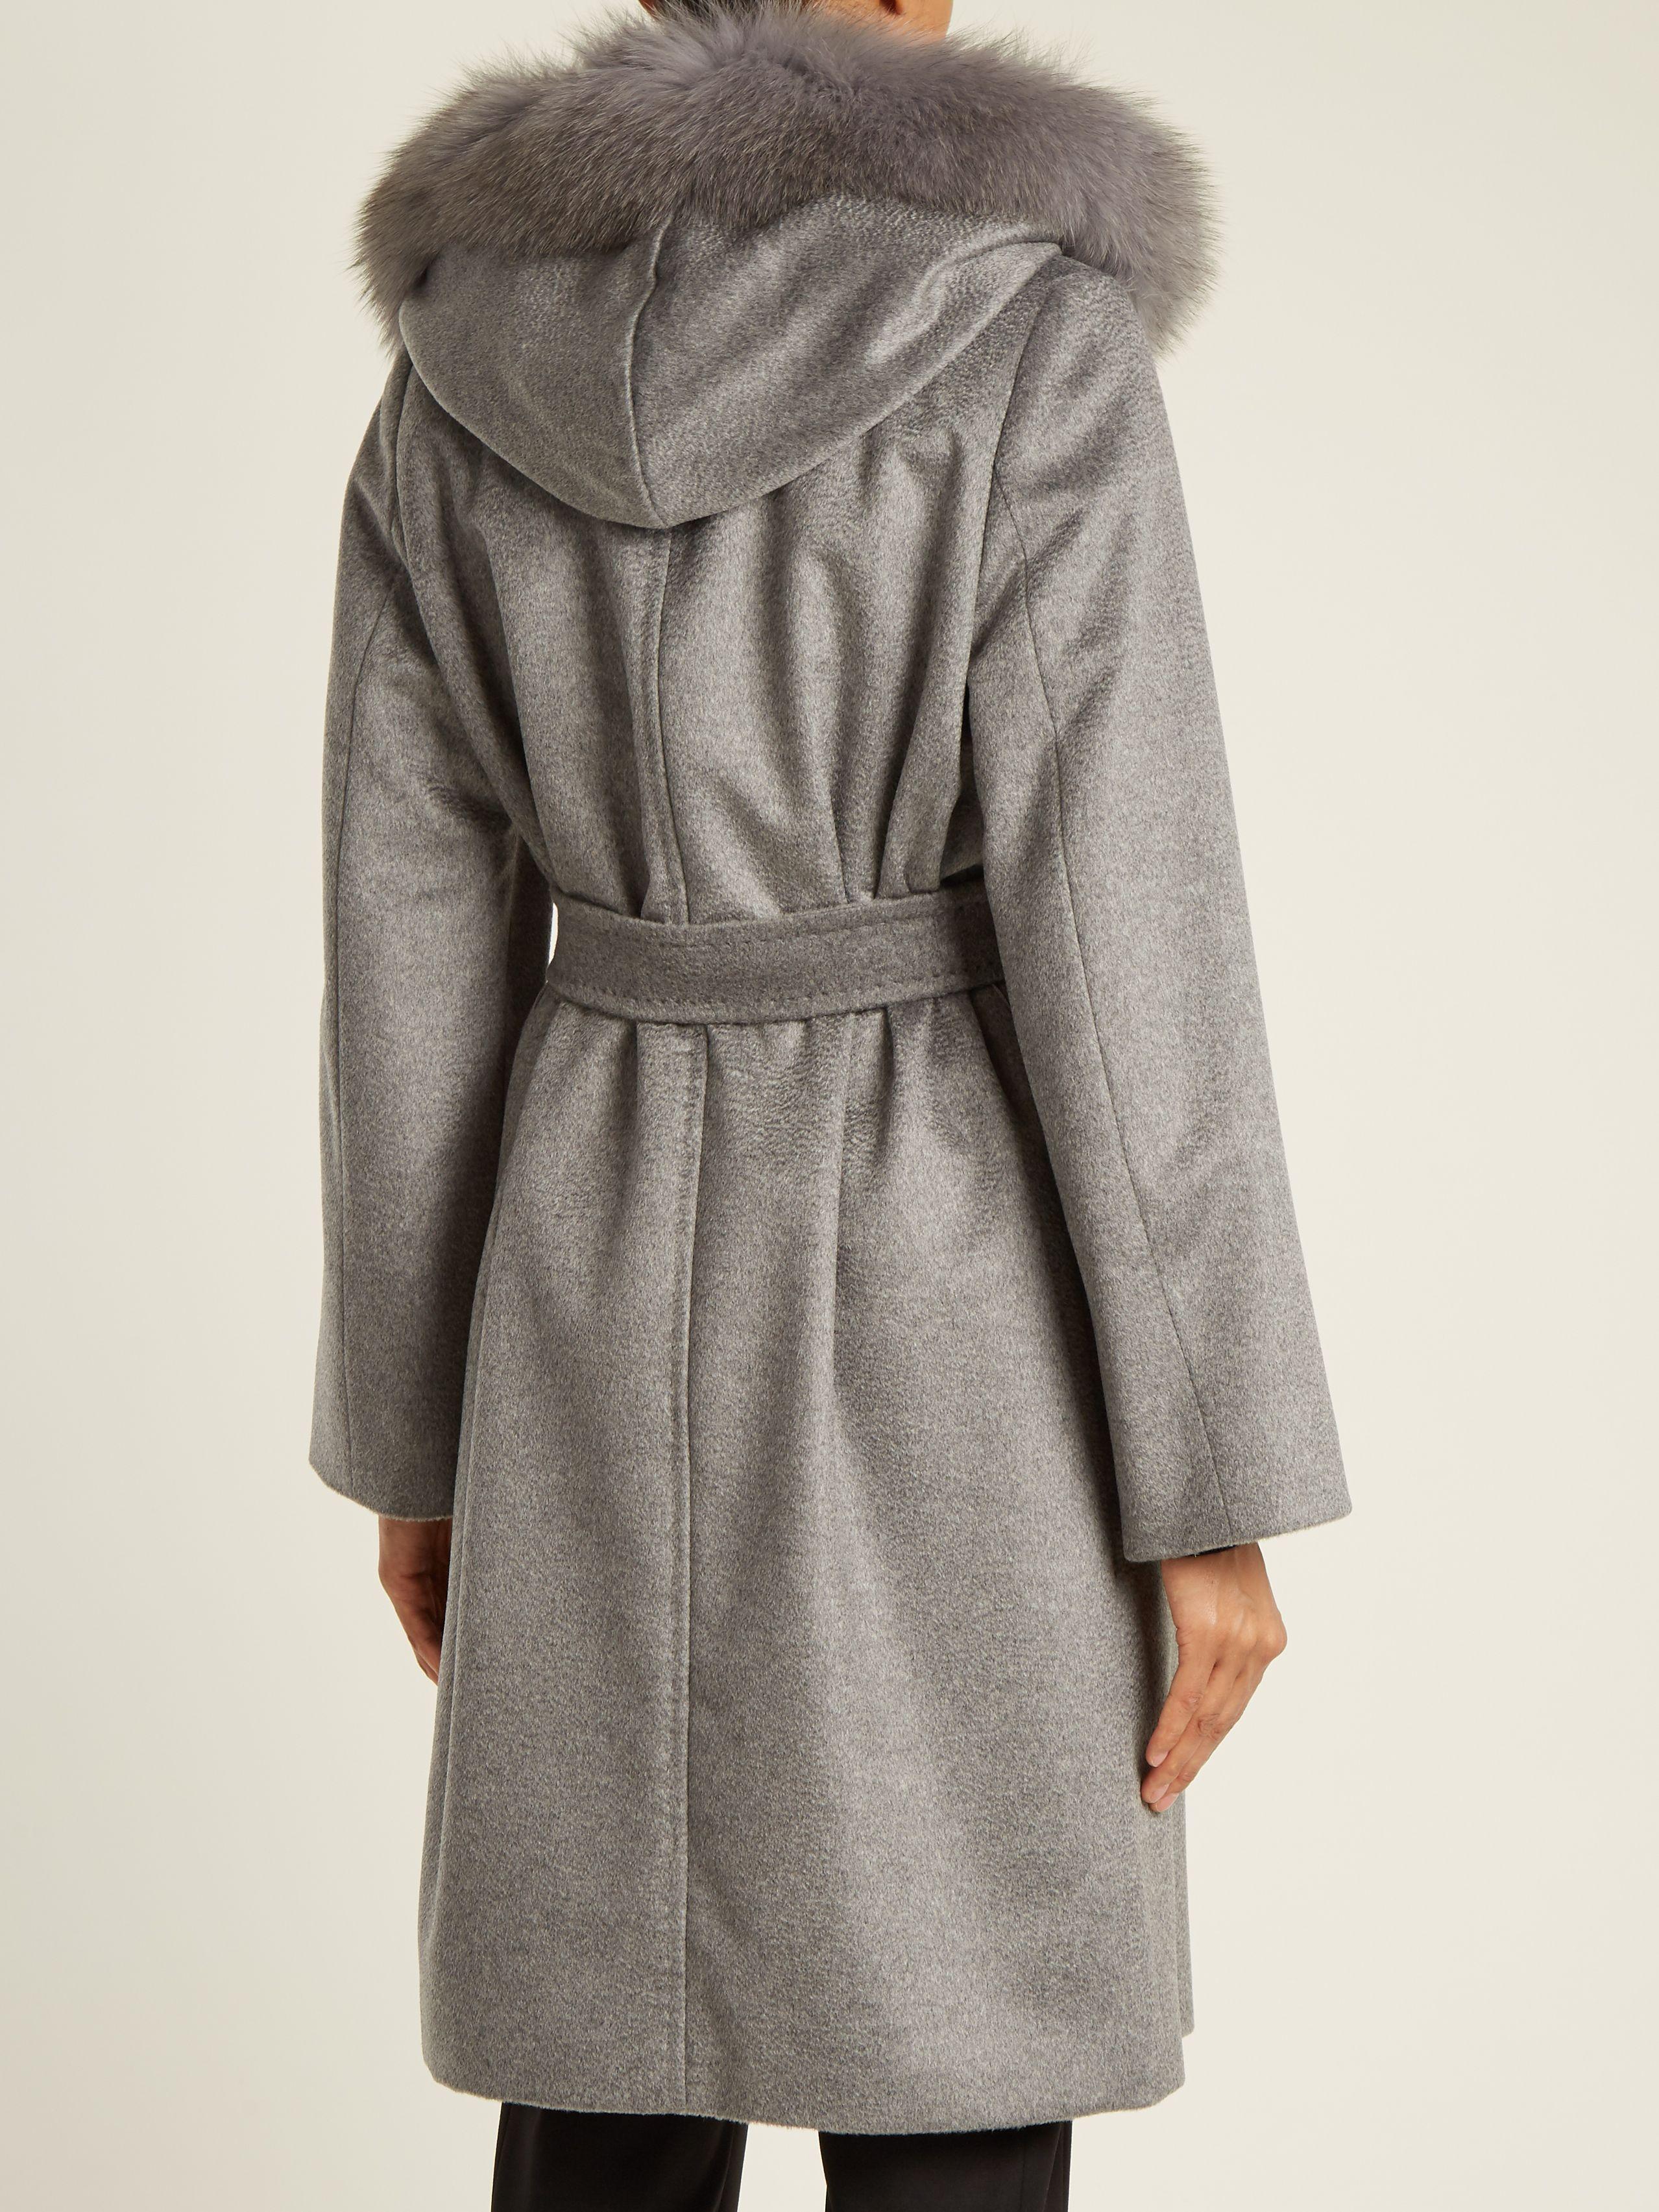 Diritto coat  dc8a5f87d7